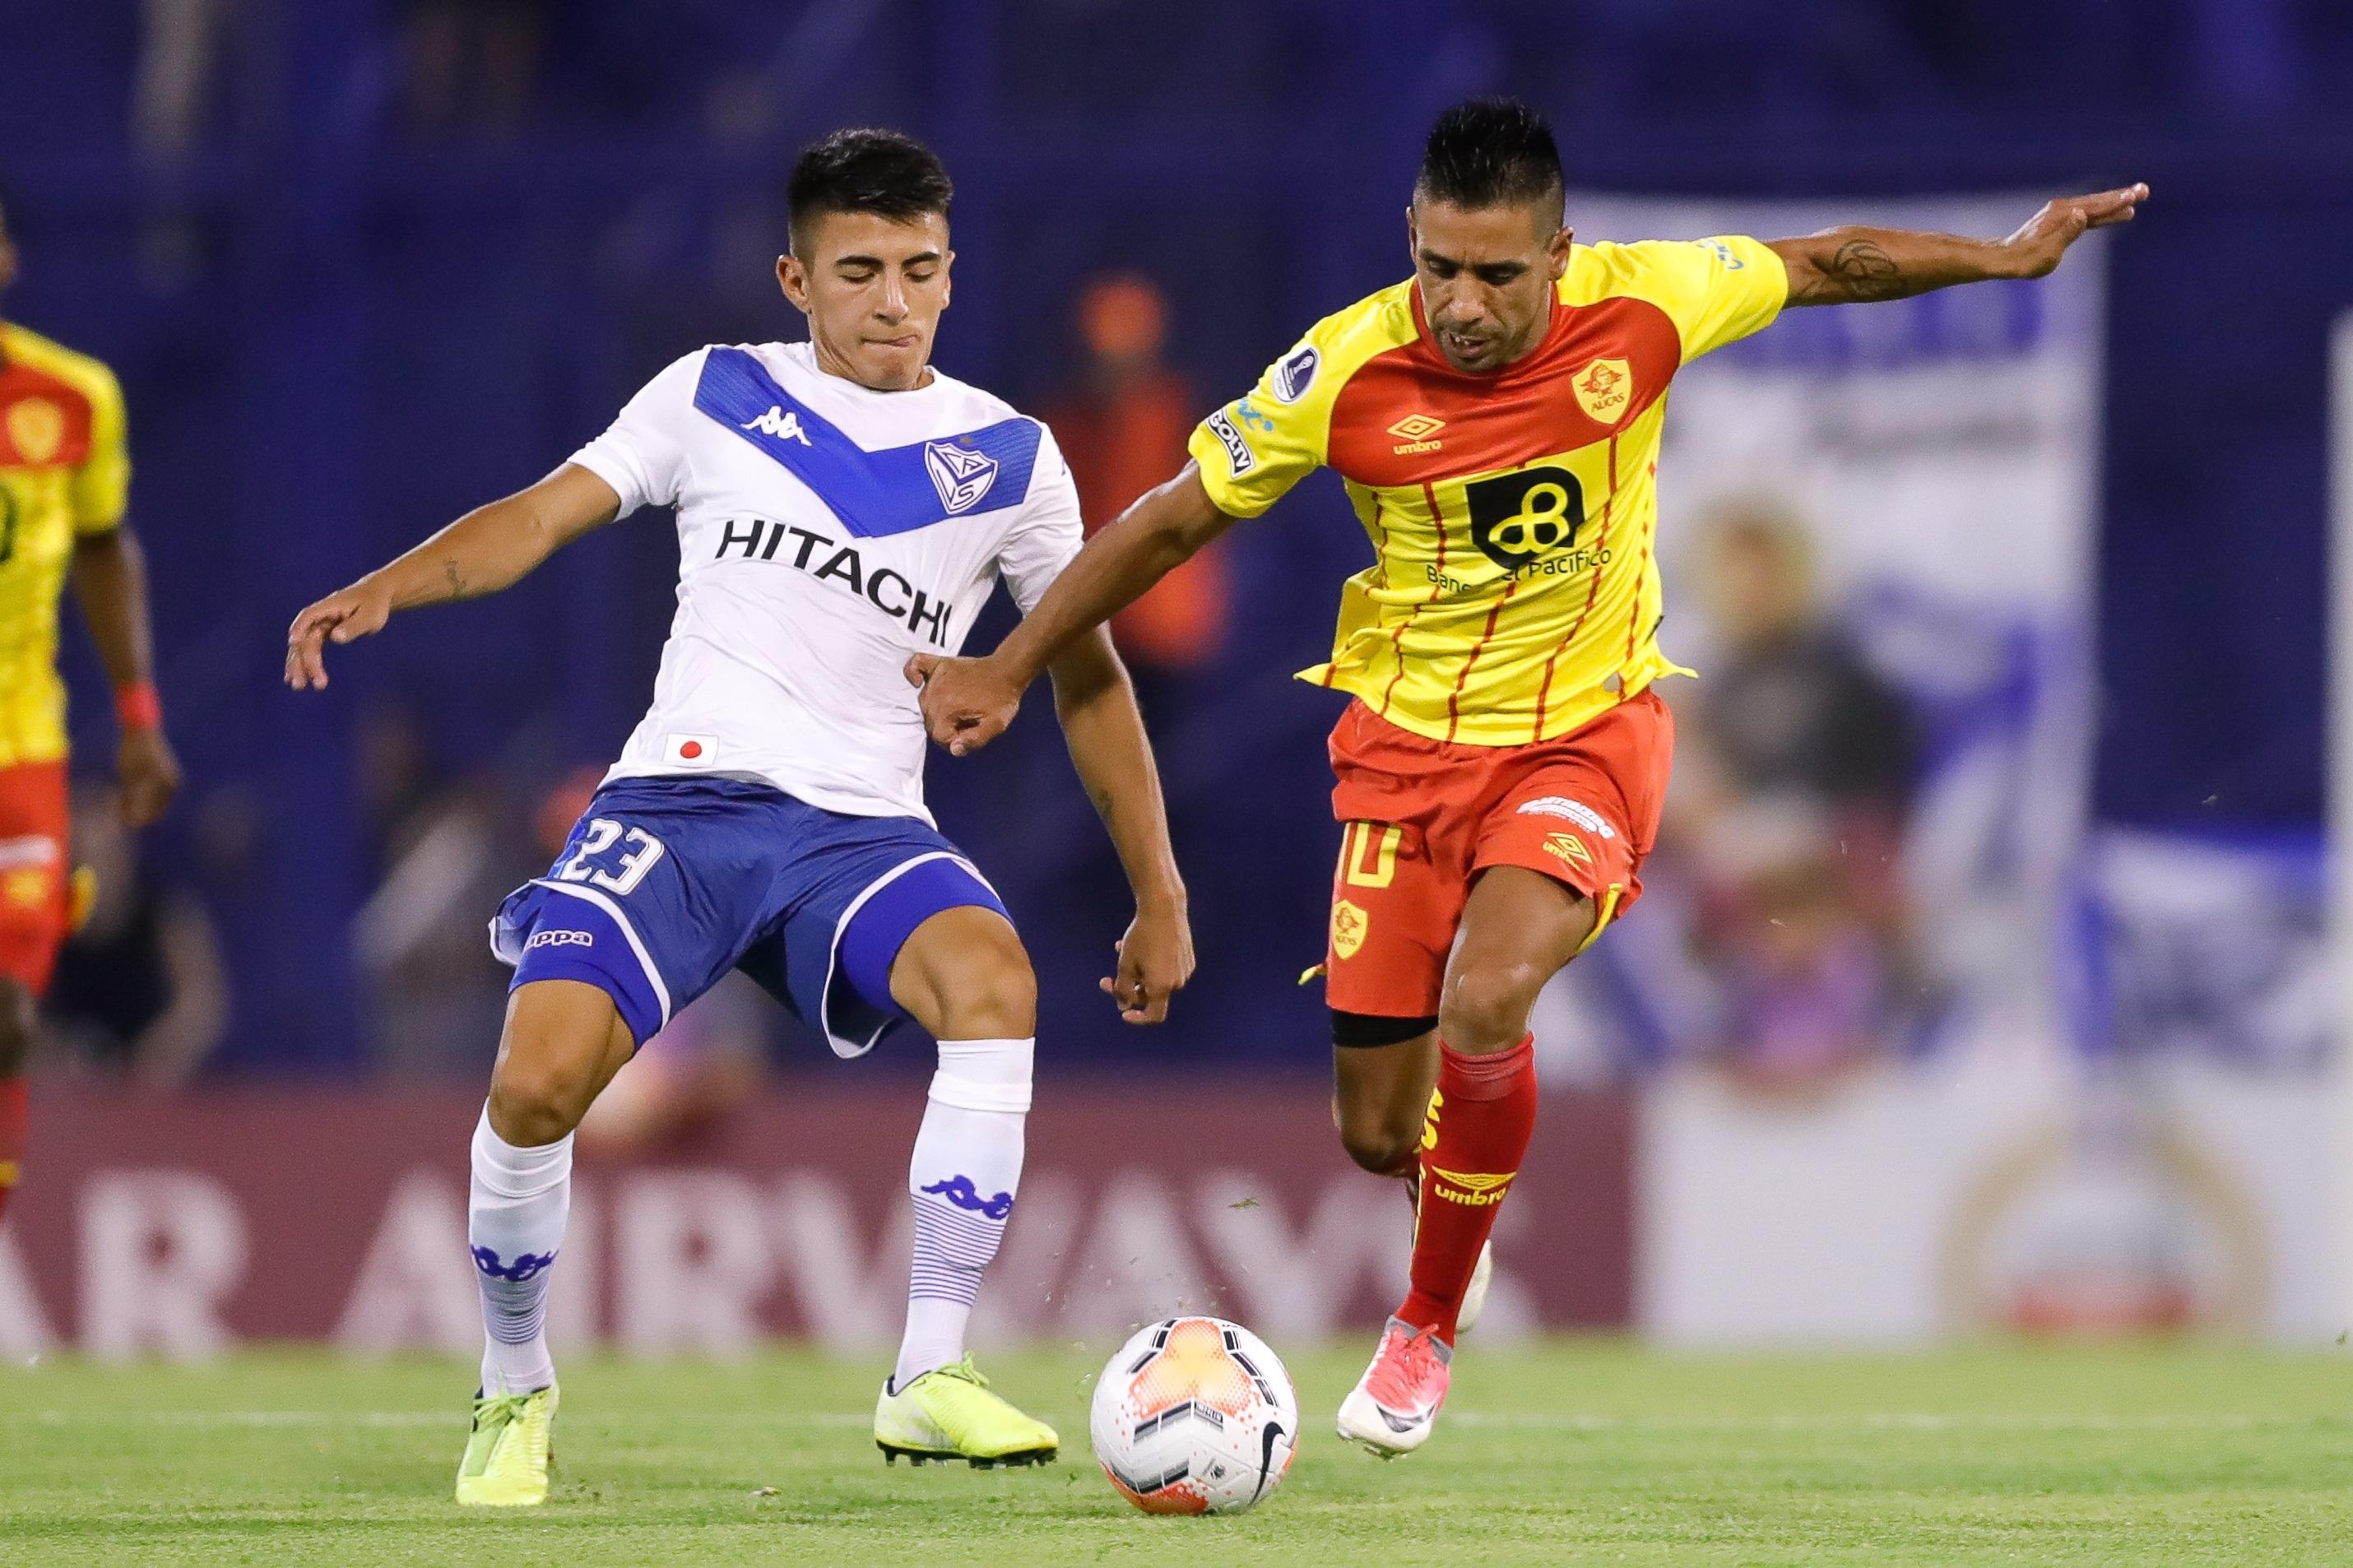 Vélez Sarsfield se adelanta en la serie de la Fase 1 de la Sudamericana; Aucas buscará revertir el resultado en casa.